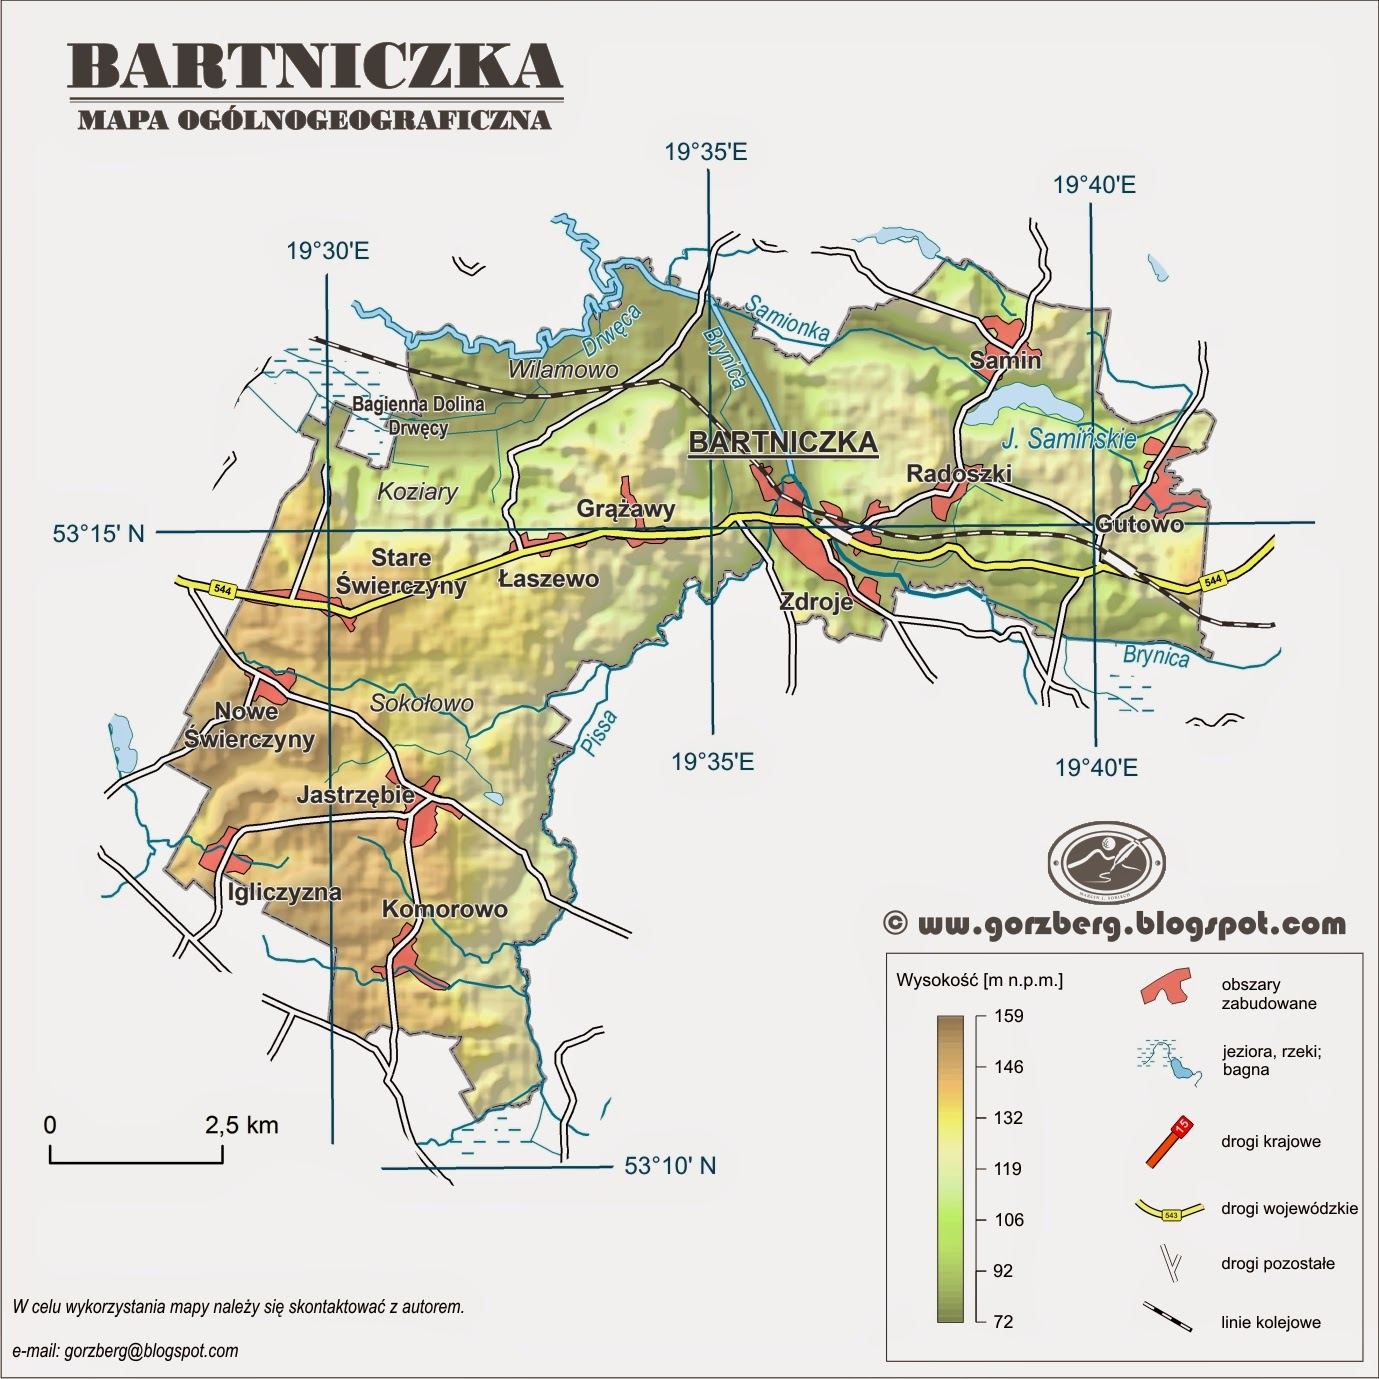 Mapa ogólnogeograficzna gminy Bartniczka